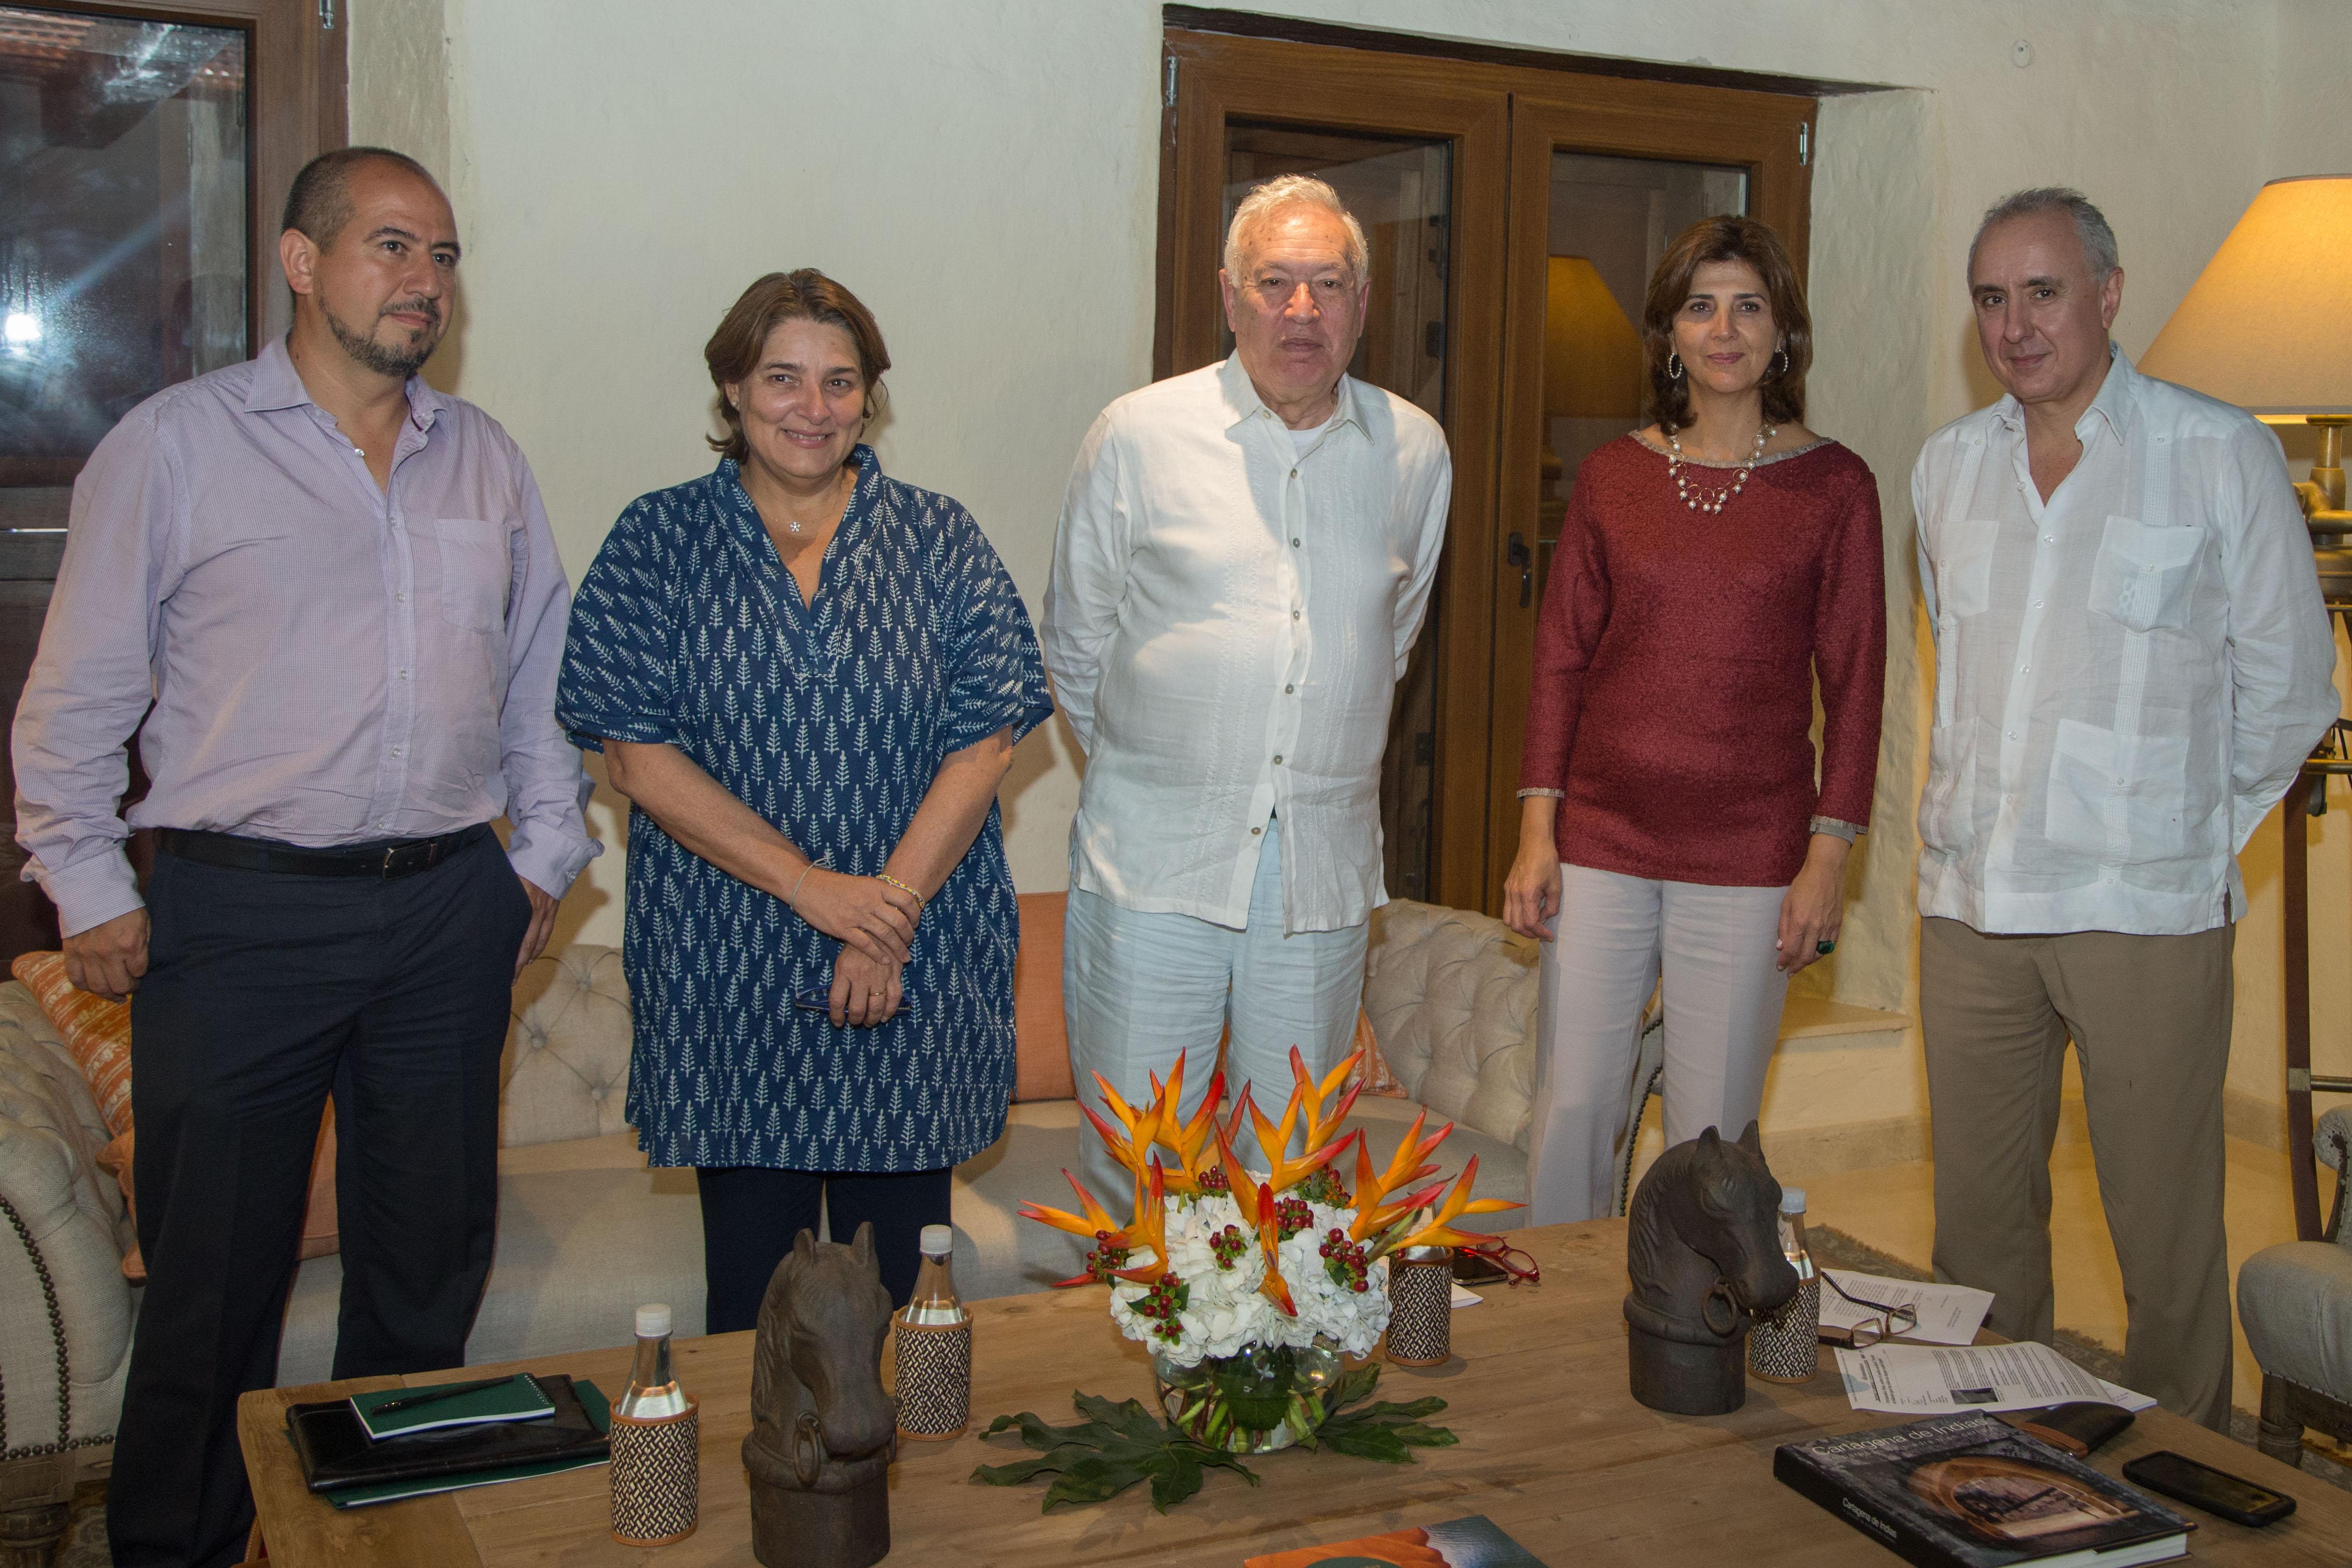 Embajada de colombia en espa a for Exteriores espana